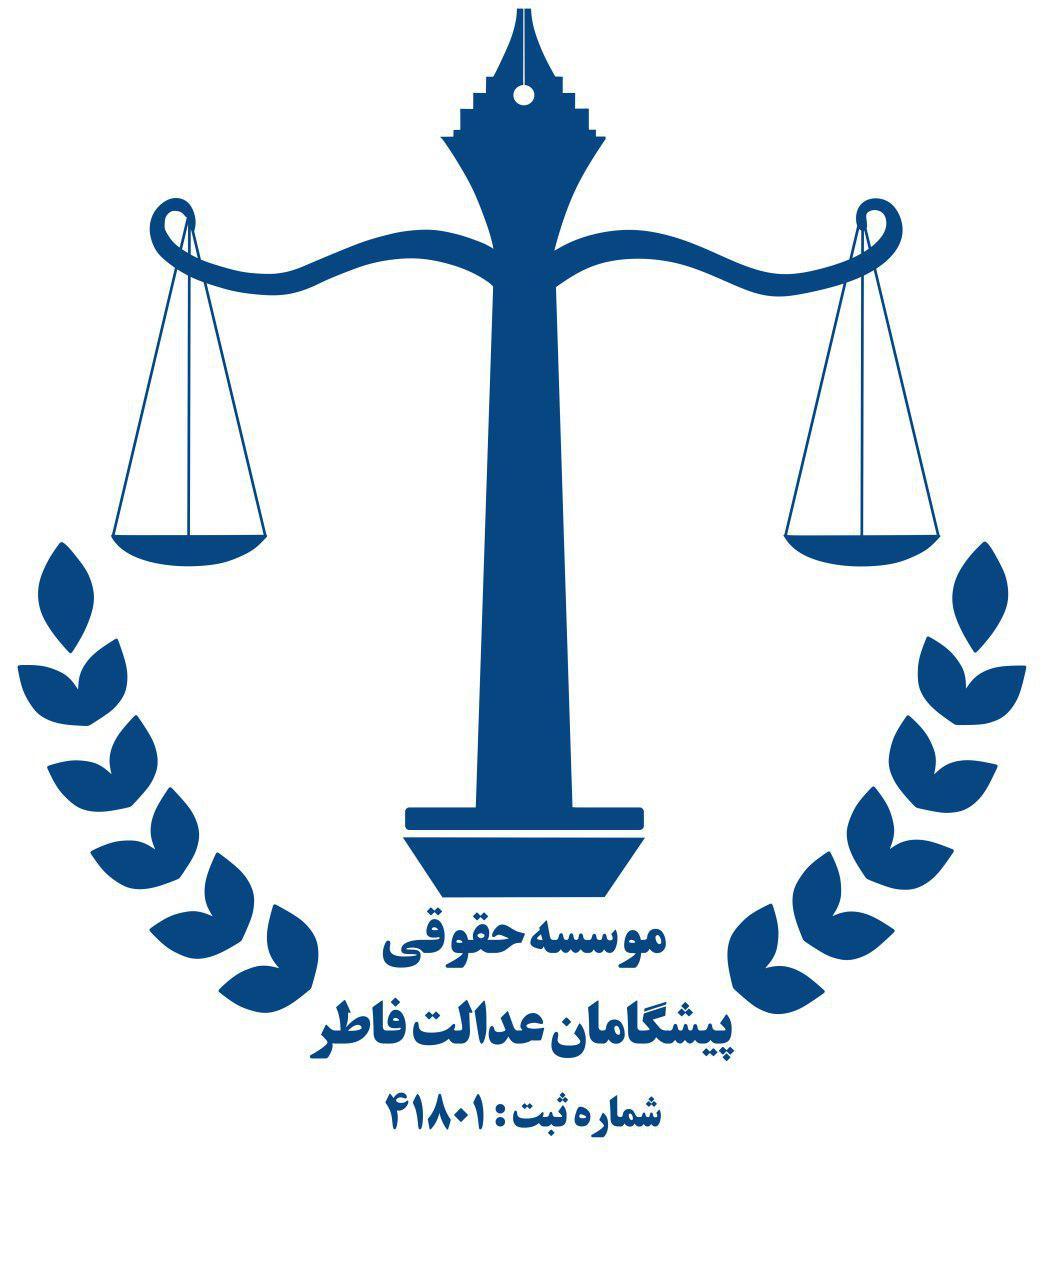 موسسه حقوقی پیشگامان عدالت فاطر